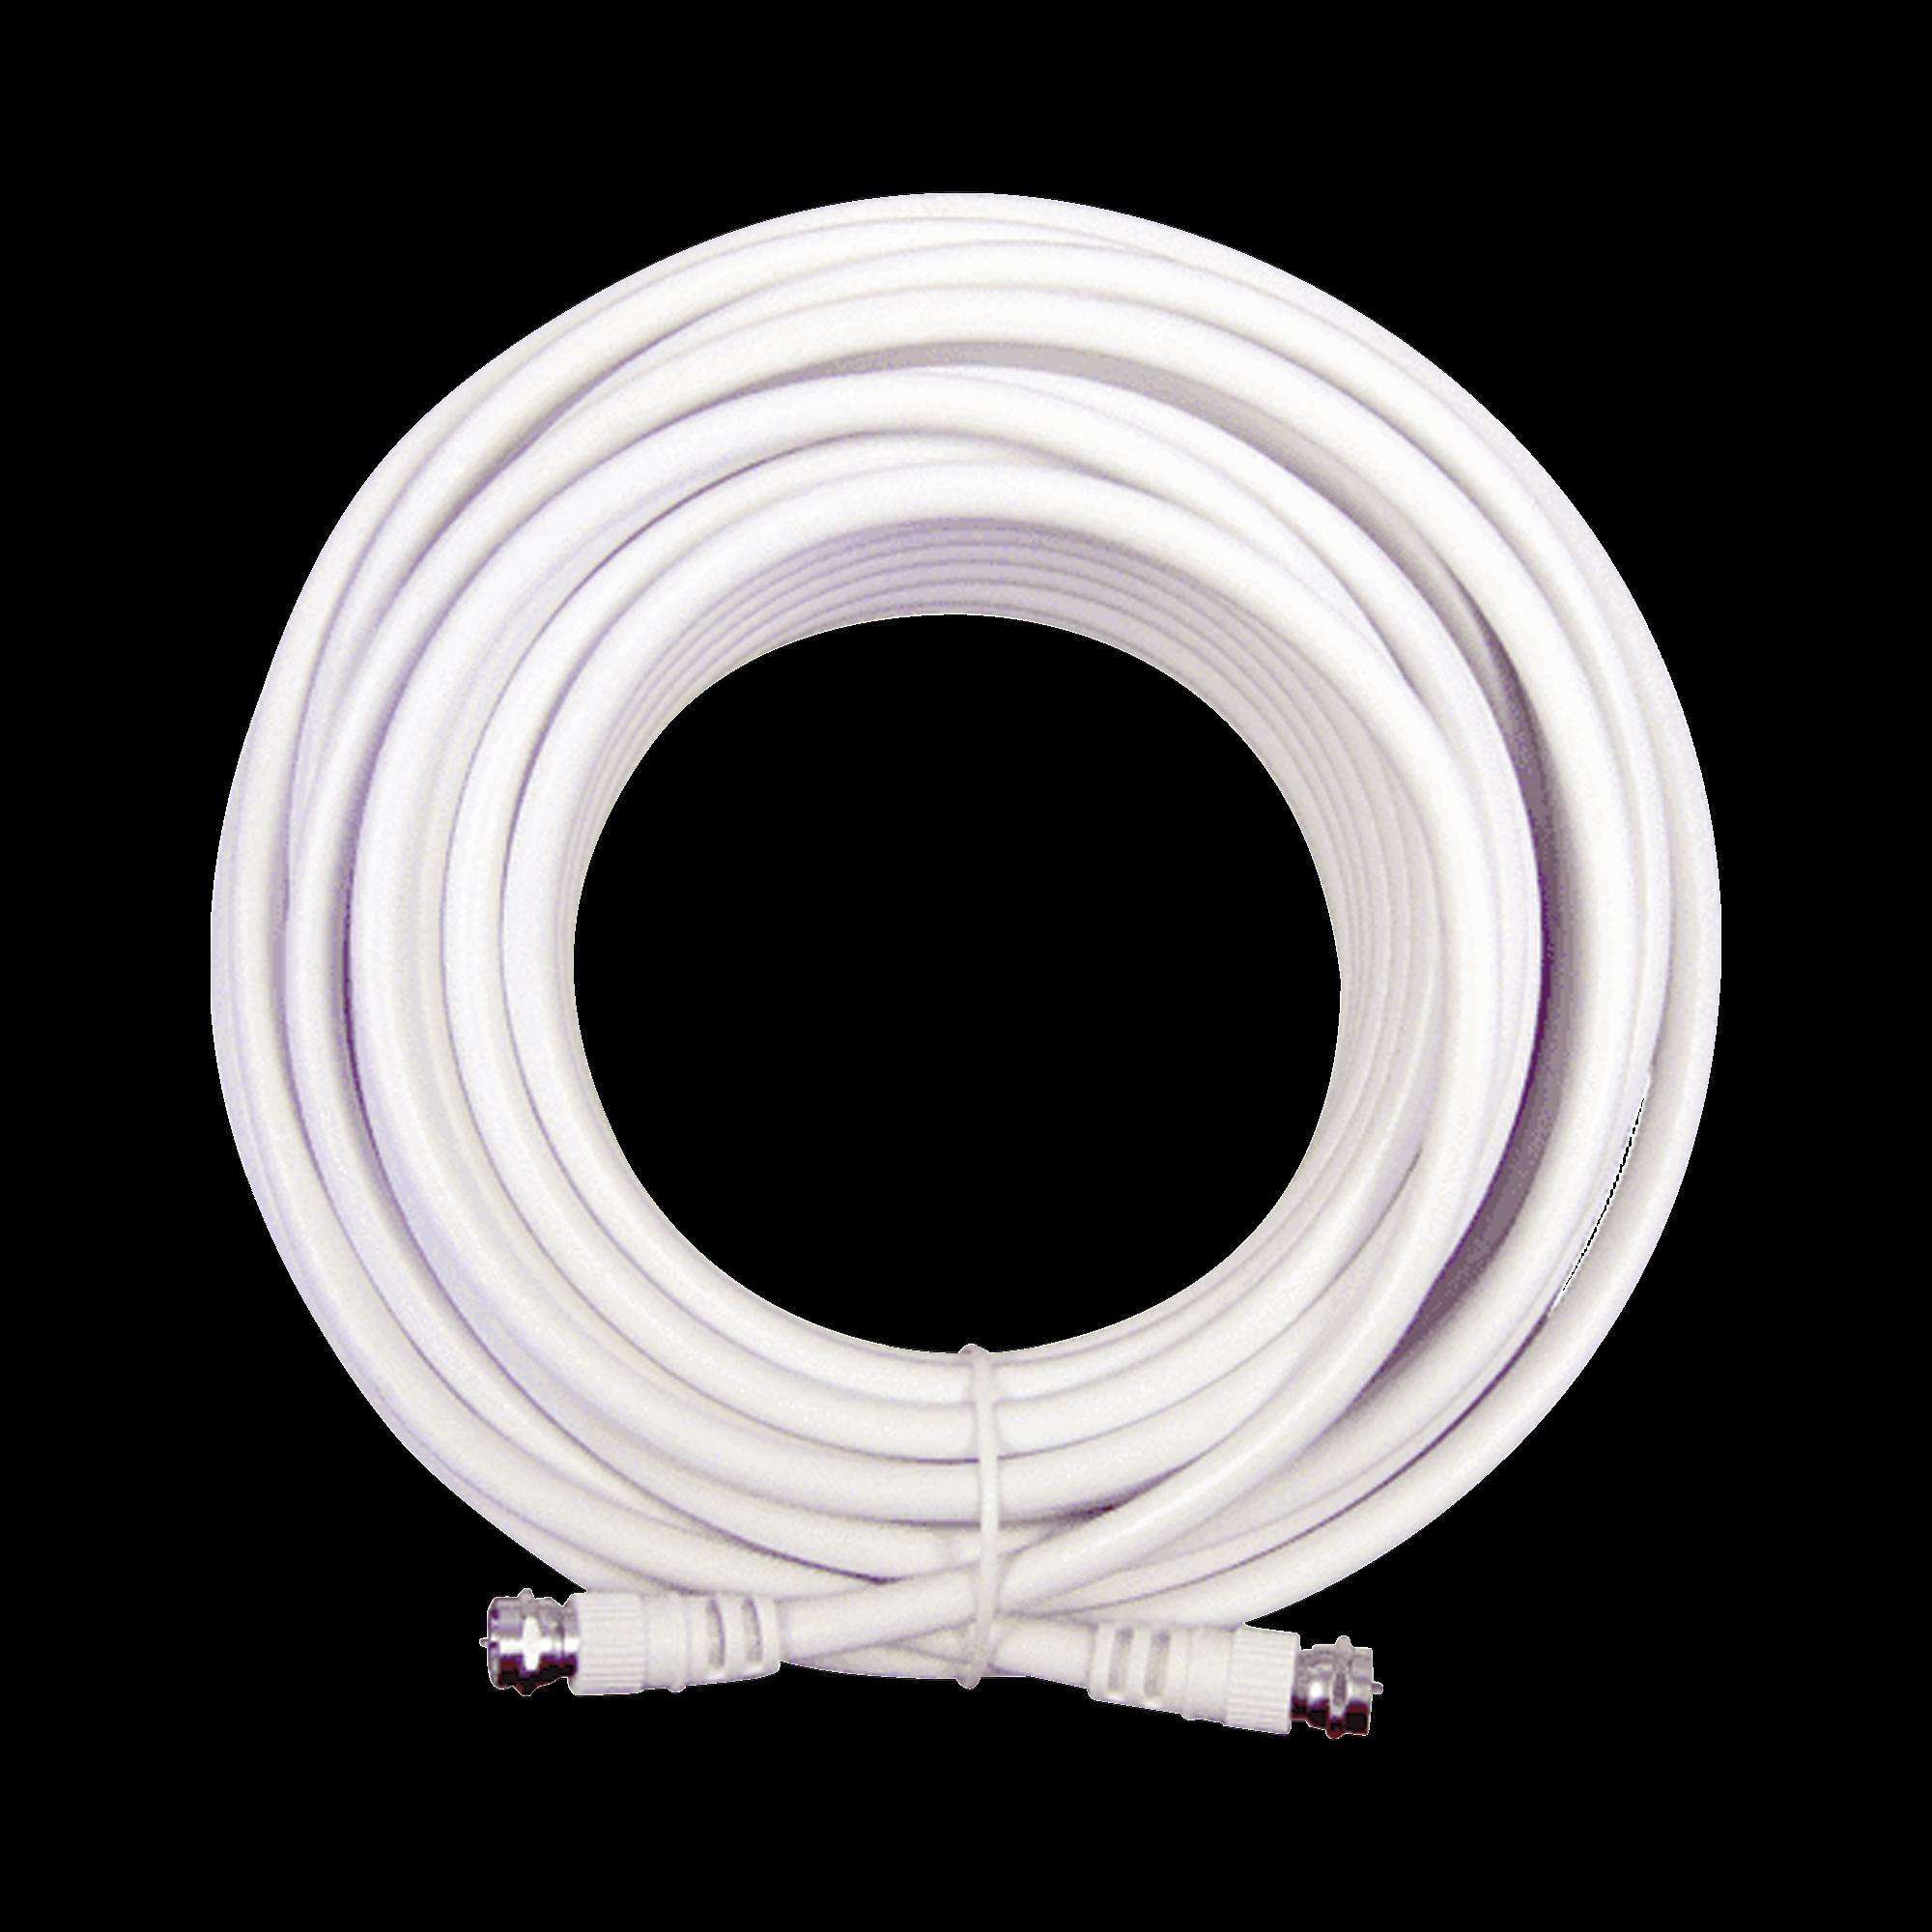 Jumper Coaxial con Cable Tipo RG-6 en Color Blanco de 15.24 Metros de Longitud y Conectores F Macho en Ambos Extremos. 75 Ohm de Impedancia.